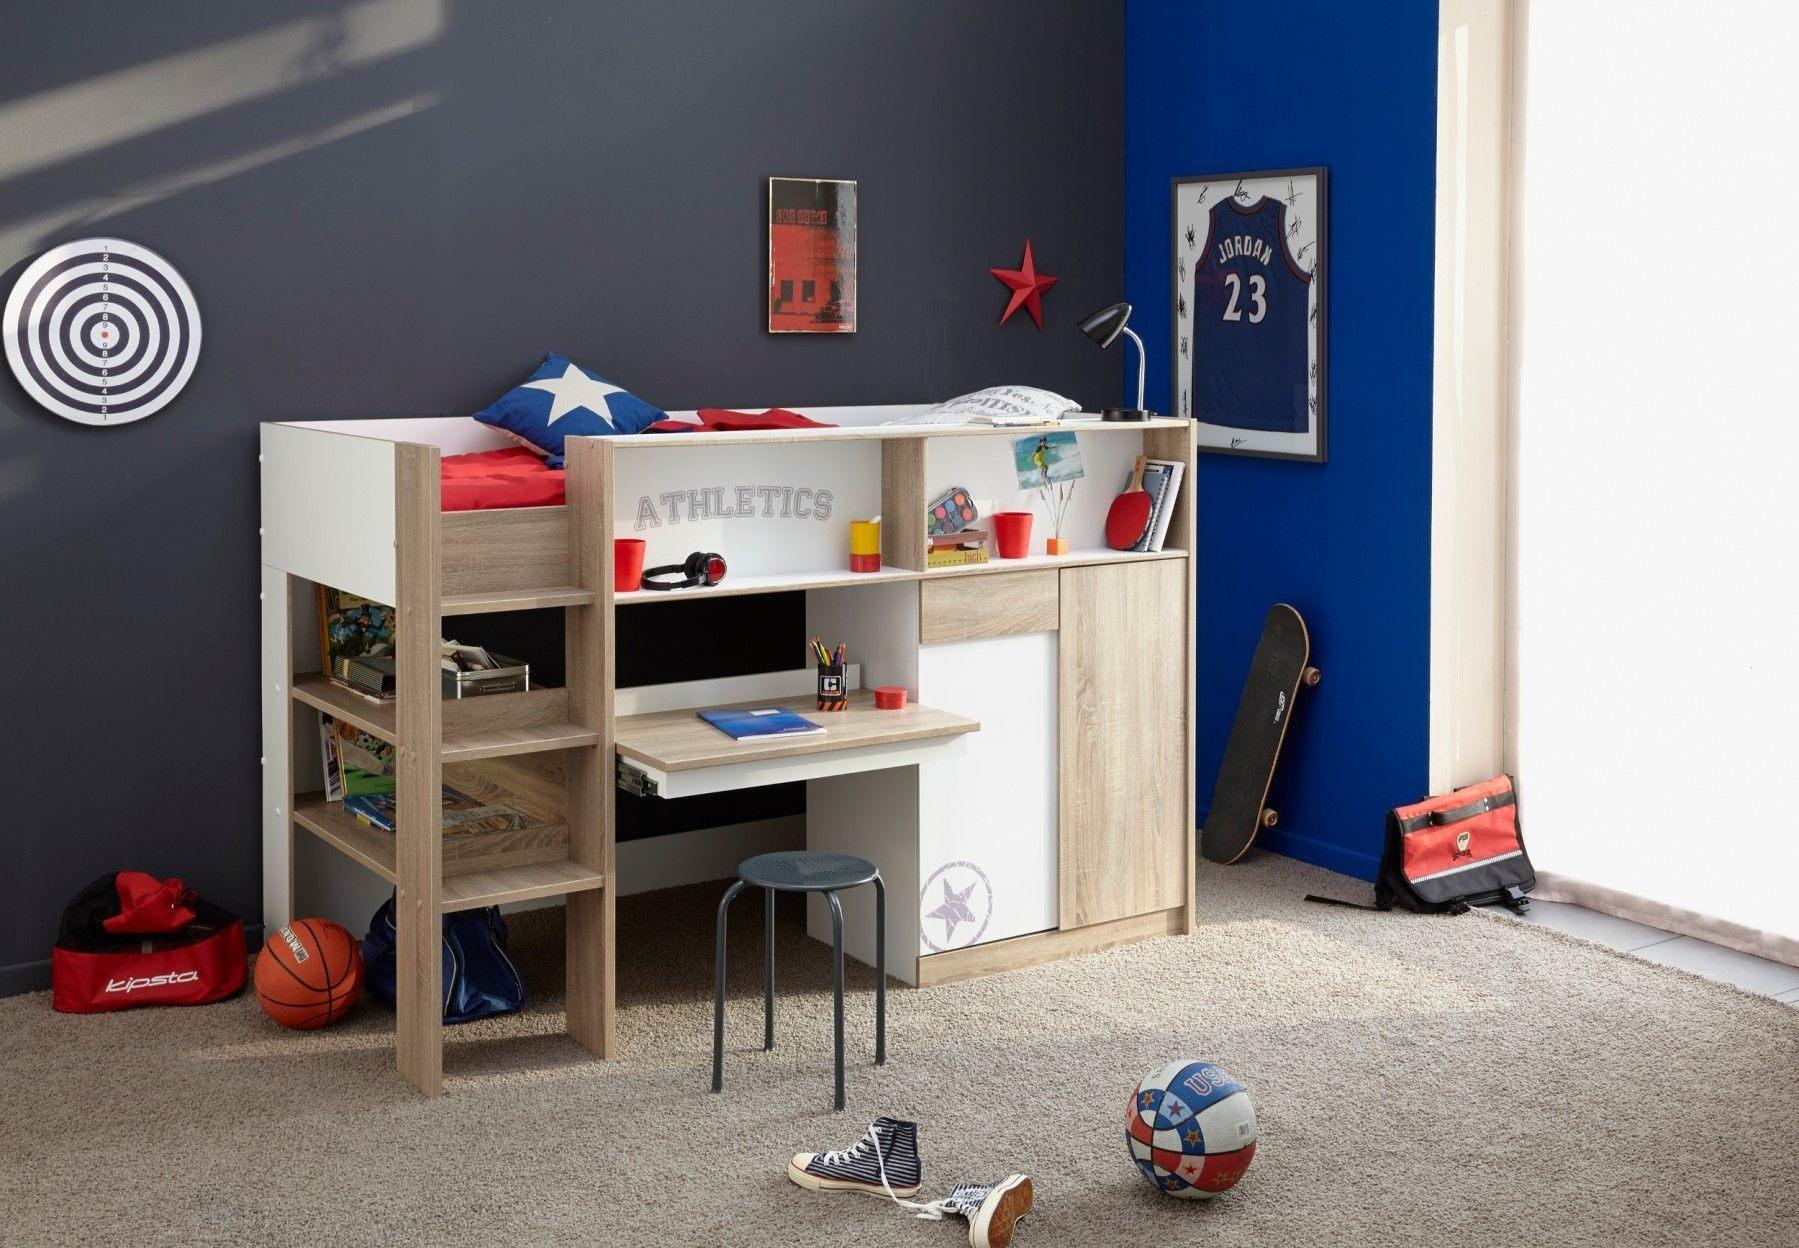 Lit Bébé Superposé Unique Délicieux Chambre Enfant Lit Superposé  Lit Superposé Avec Bureau